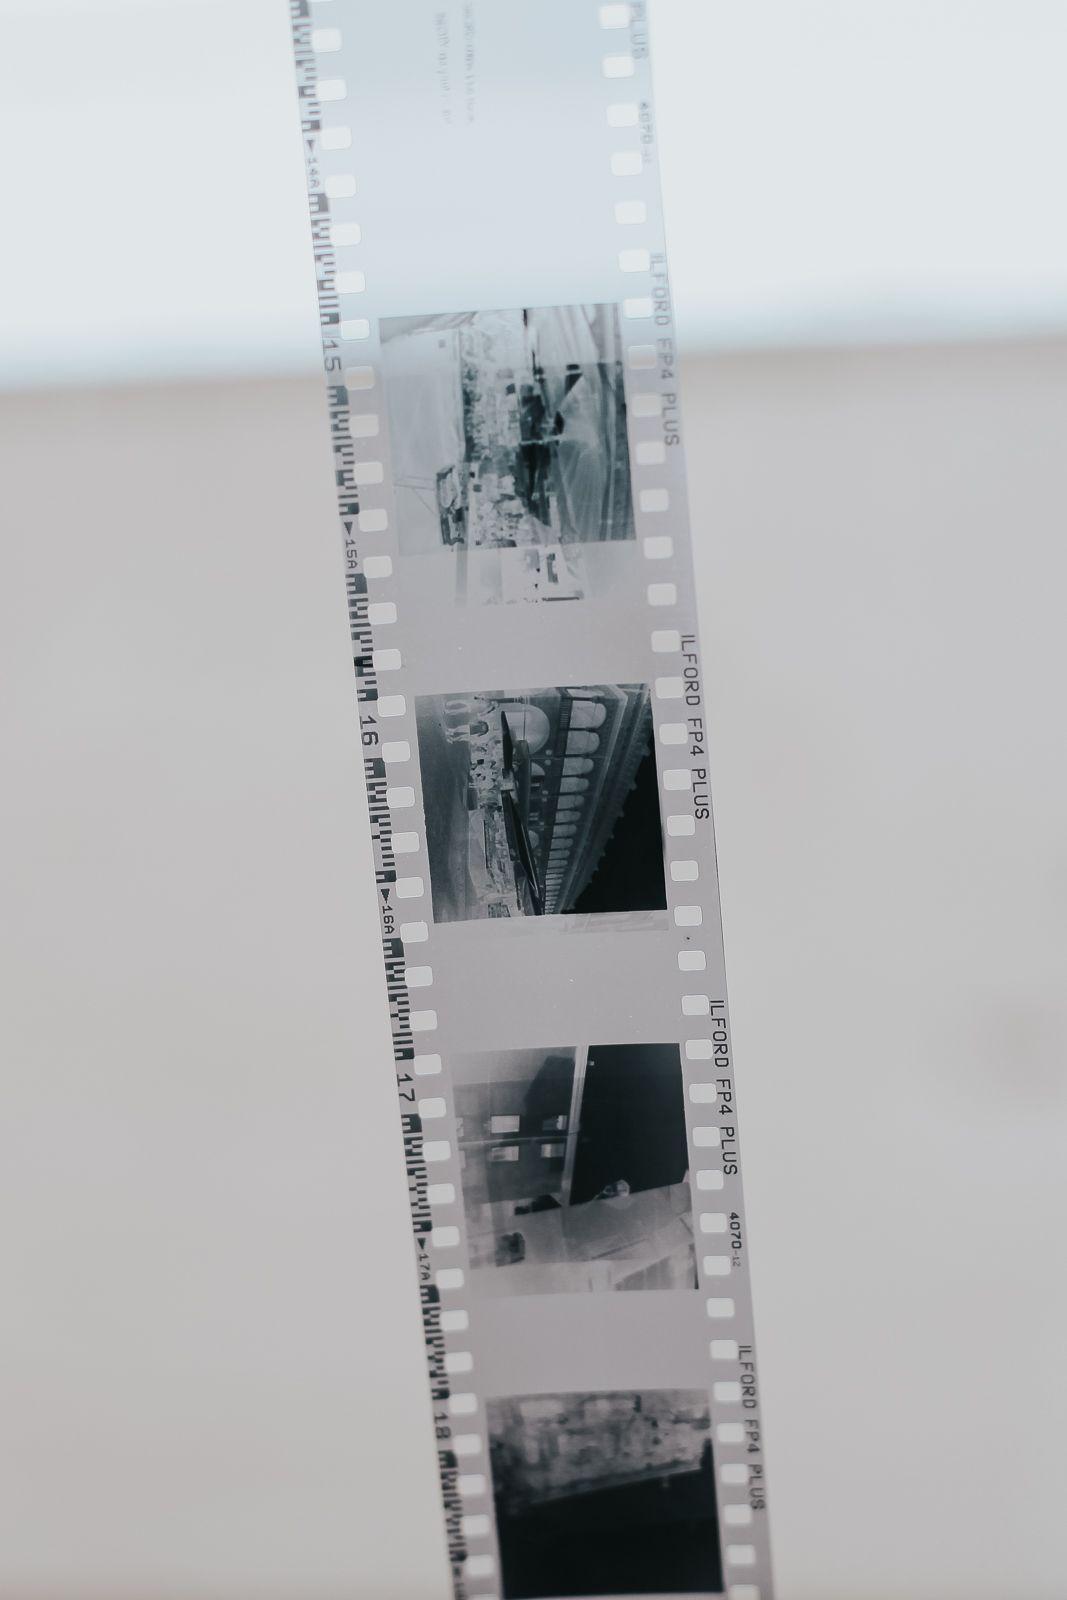 Develop Film Photographs in Darkroom in Daylight